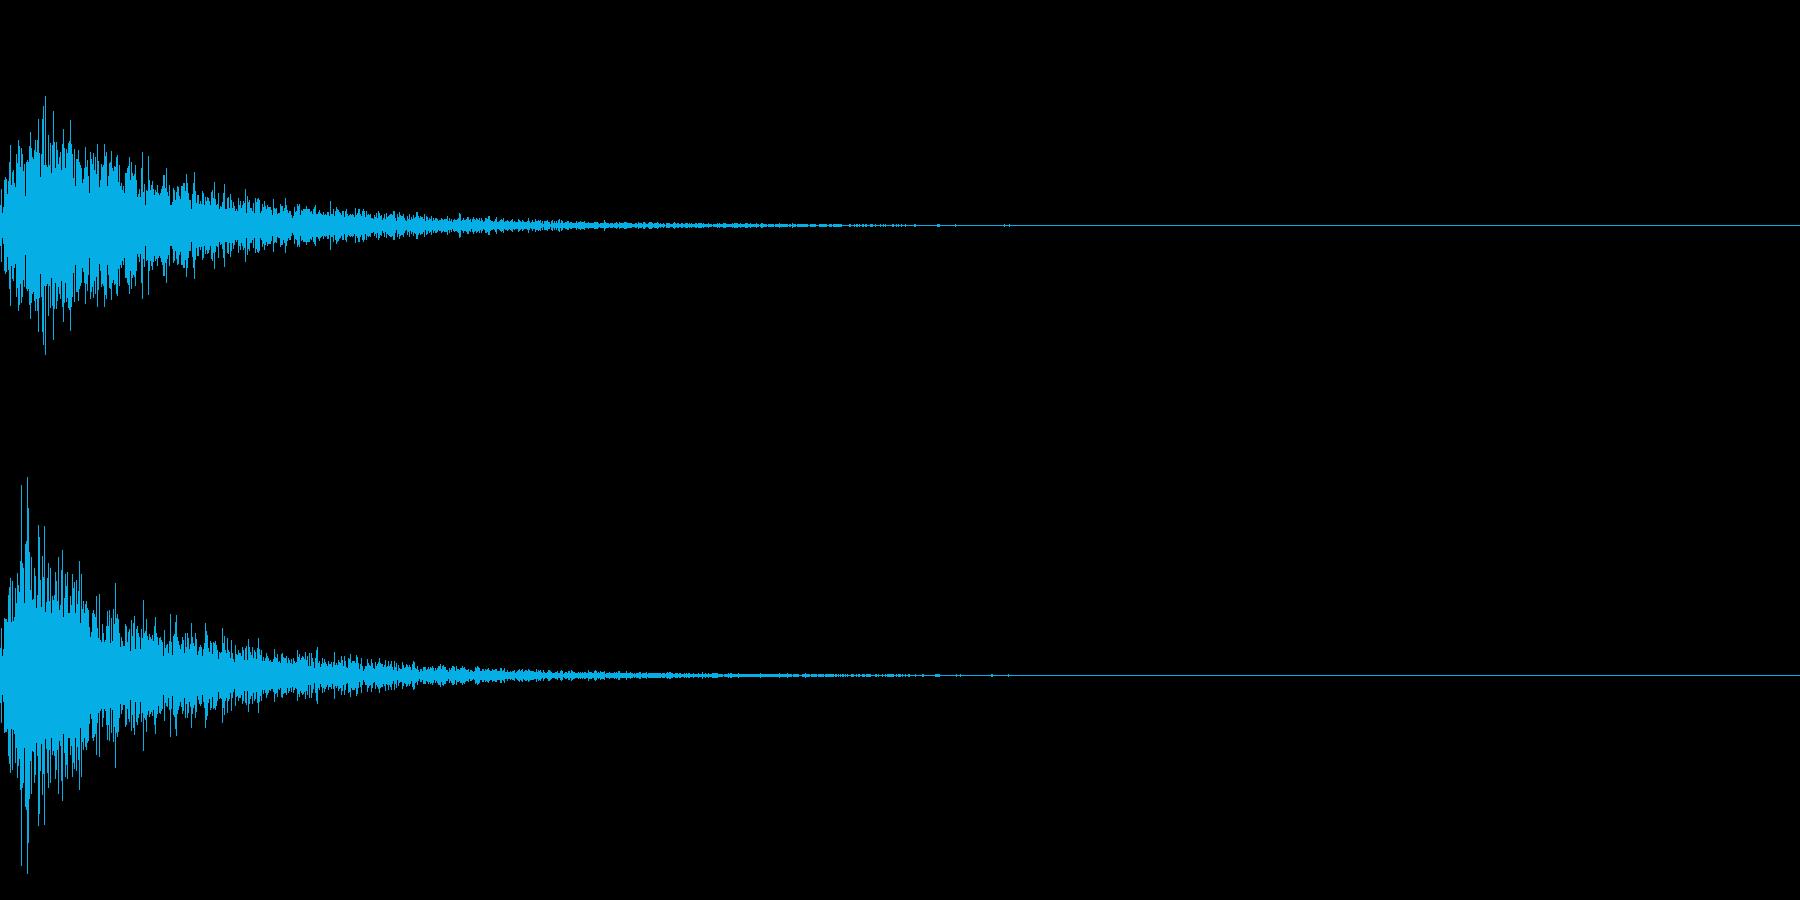 カン!和風な歌舞伎の床音(附け木)01の再生済みの波形